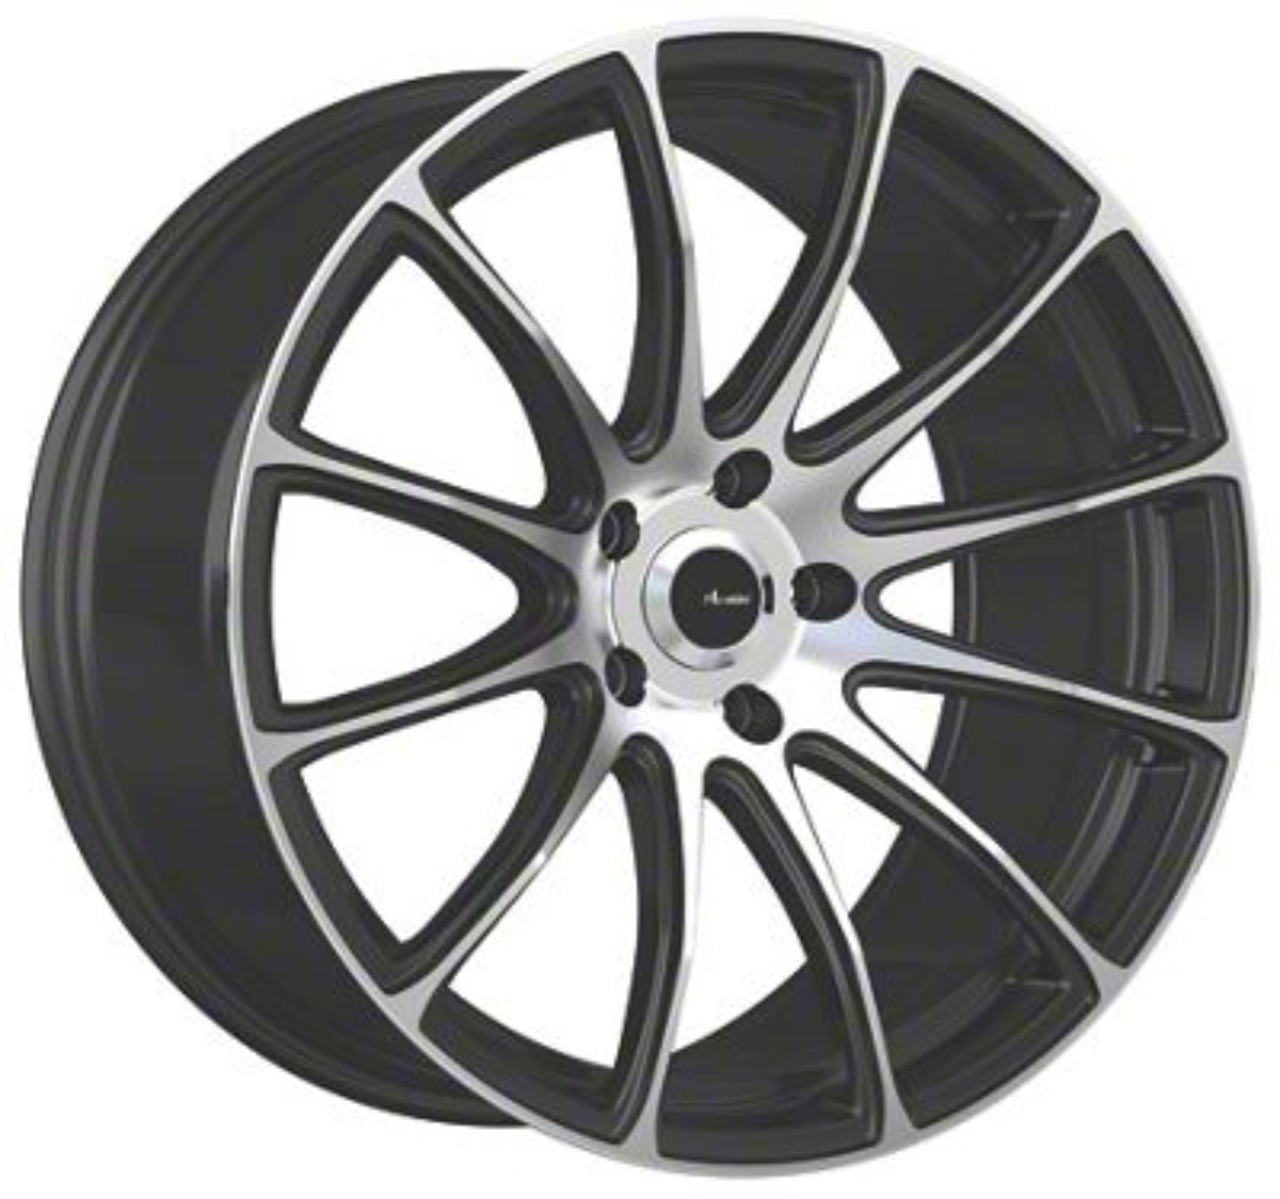 Advanti Svelto Matte Black Machined Wheel - 19x9.5 (15-19 GT, EcoBoost, V6)